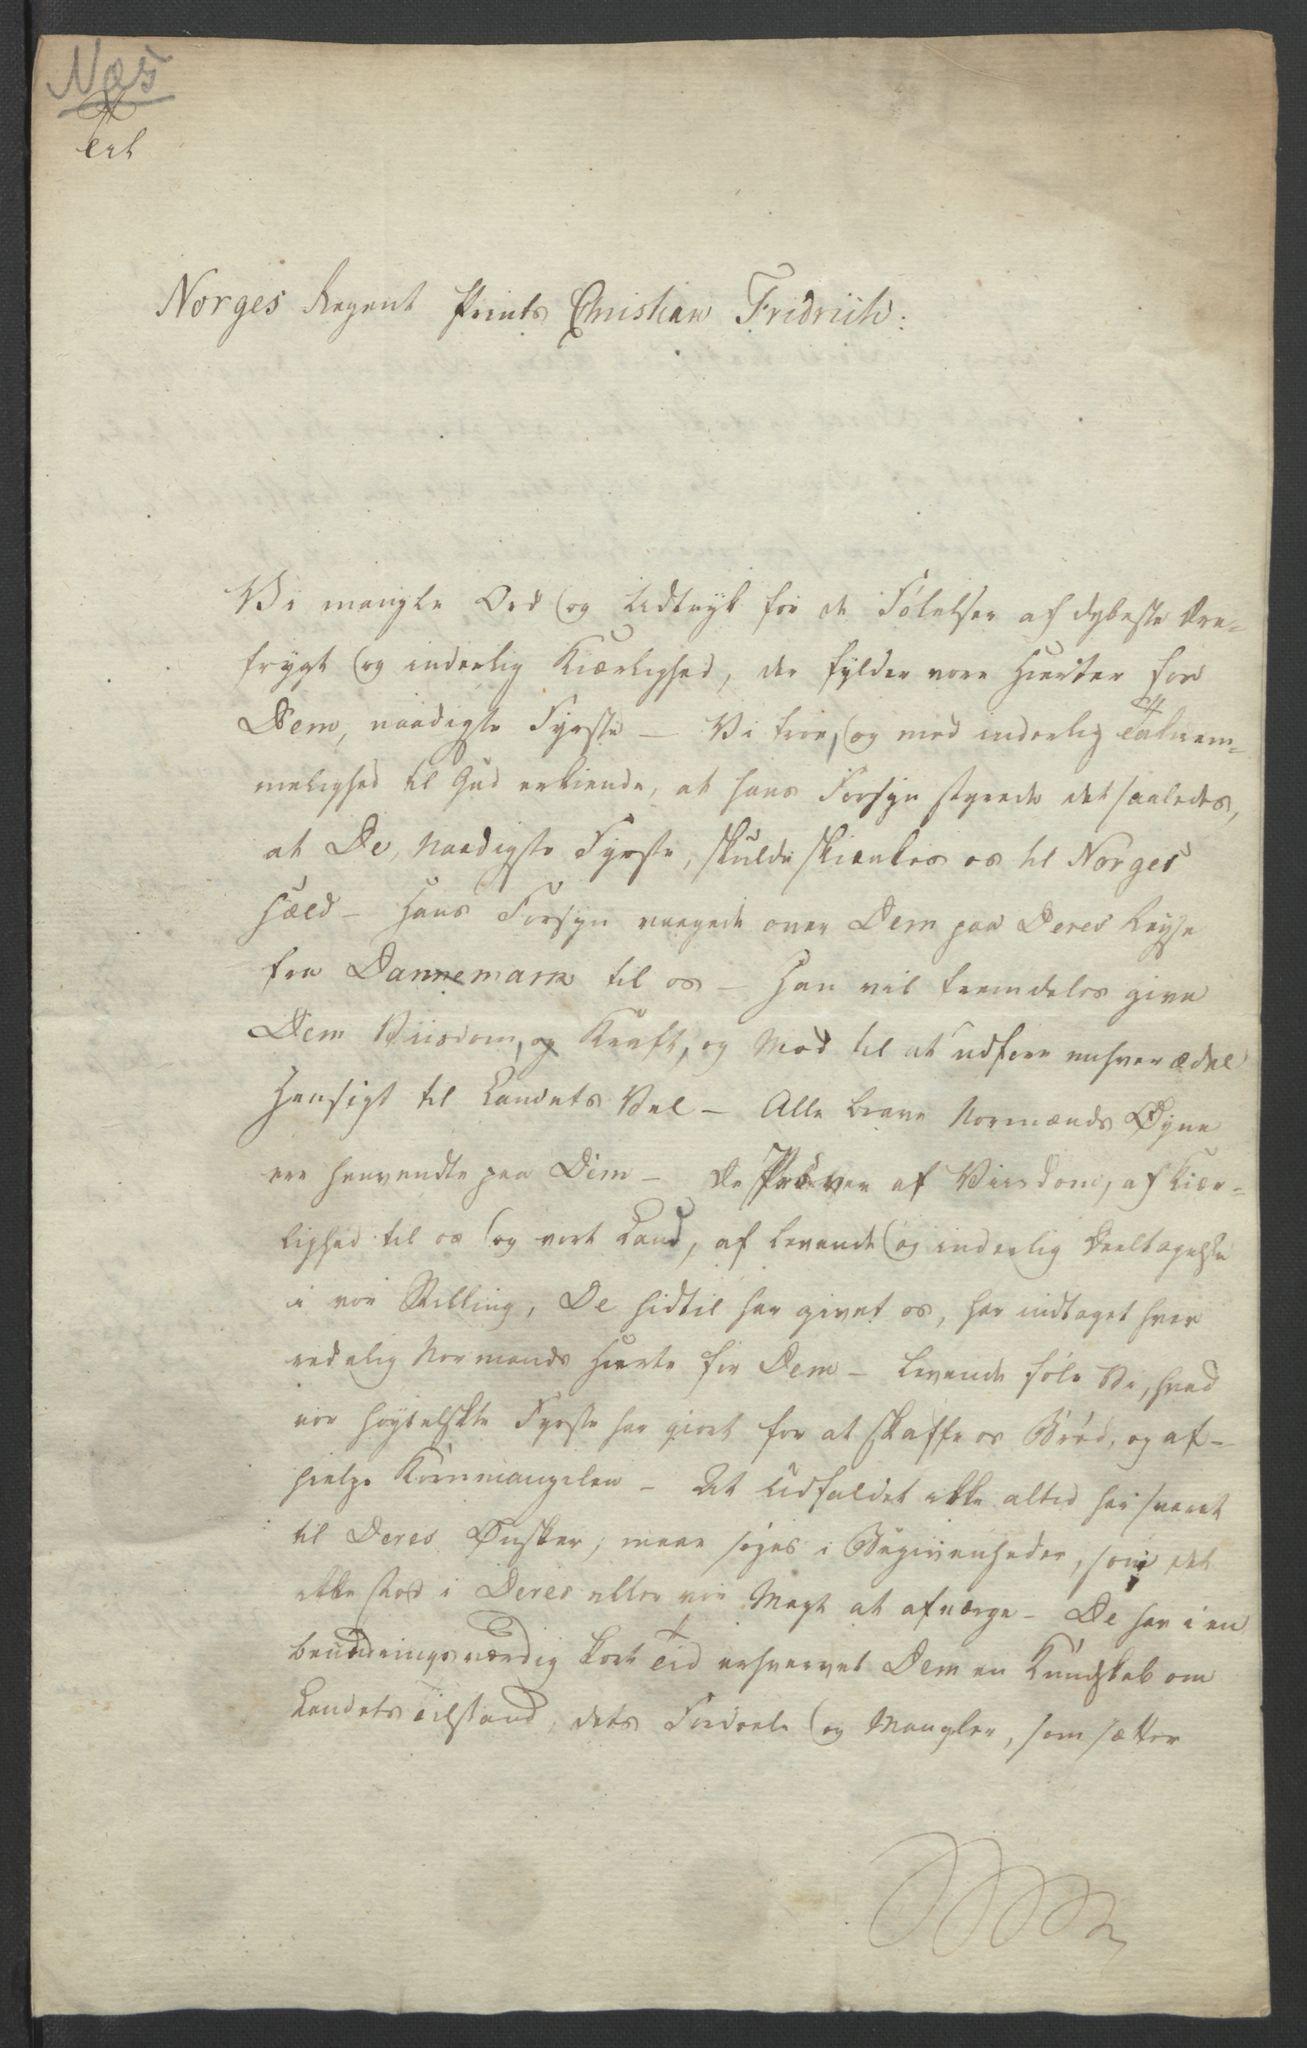 RA, Statsrådssekretariatet, D/Db/L0007: Fullmakter for Eidsvollsrepresentantene i 1814. , 1814, s. 196